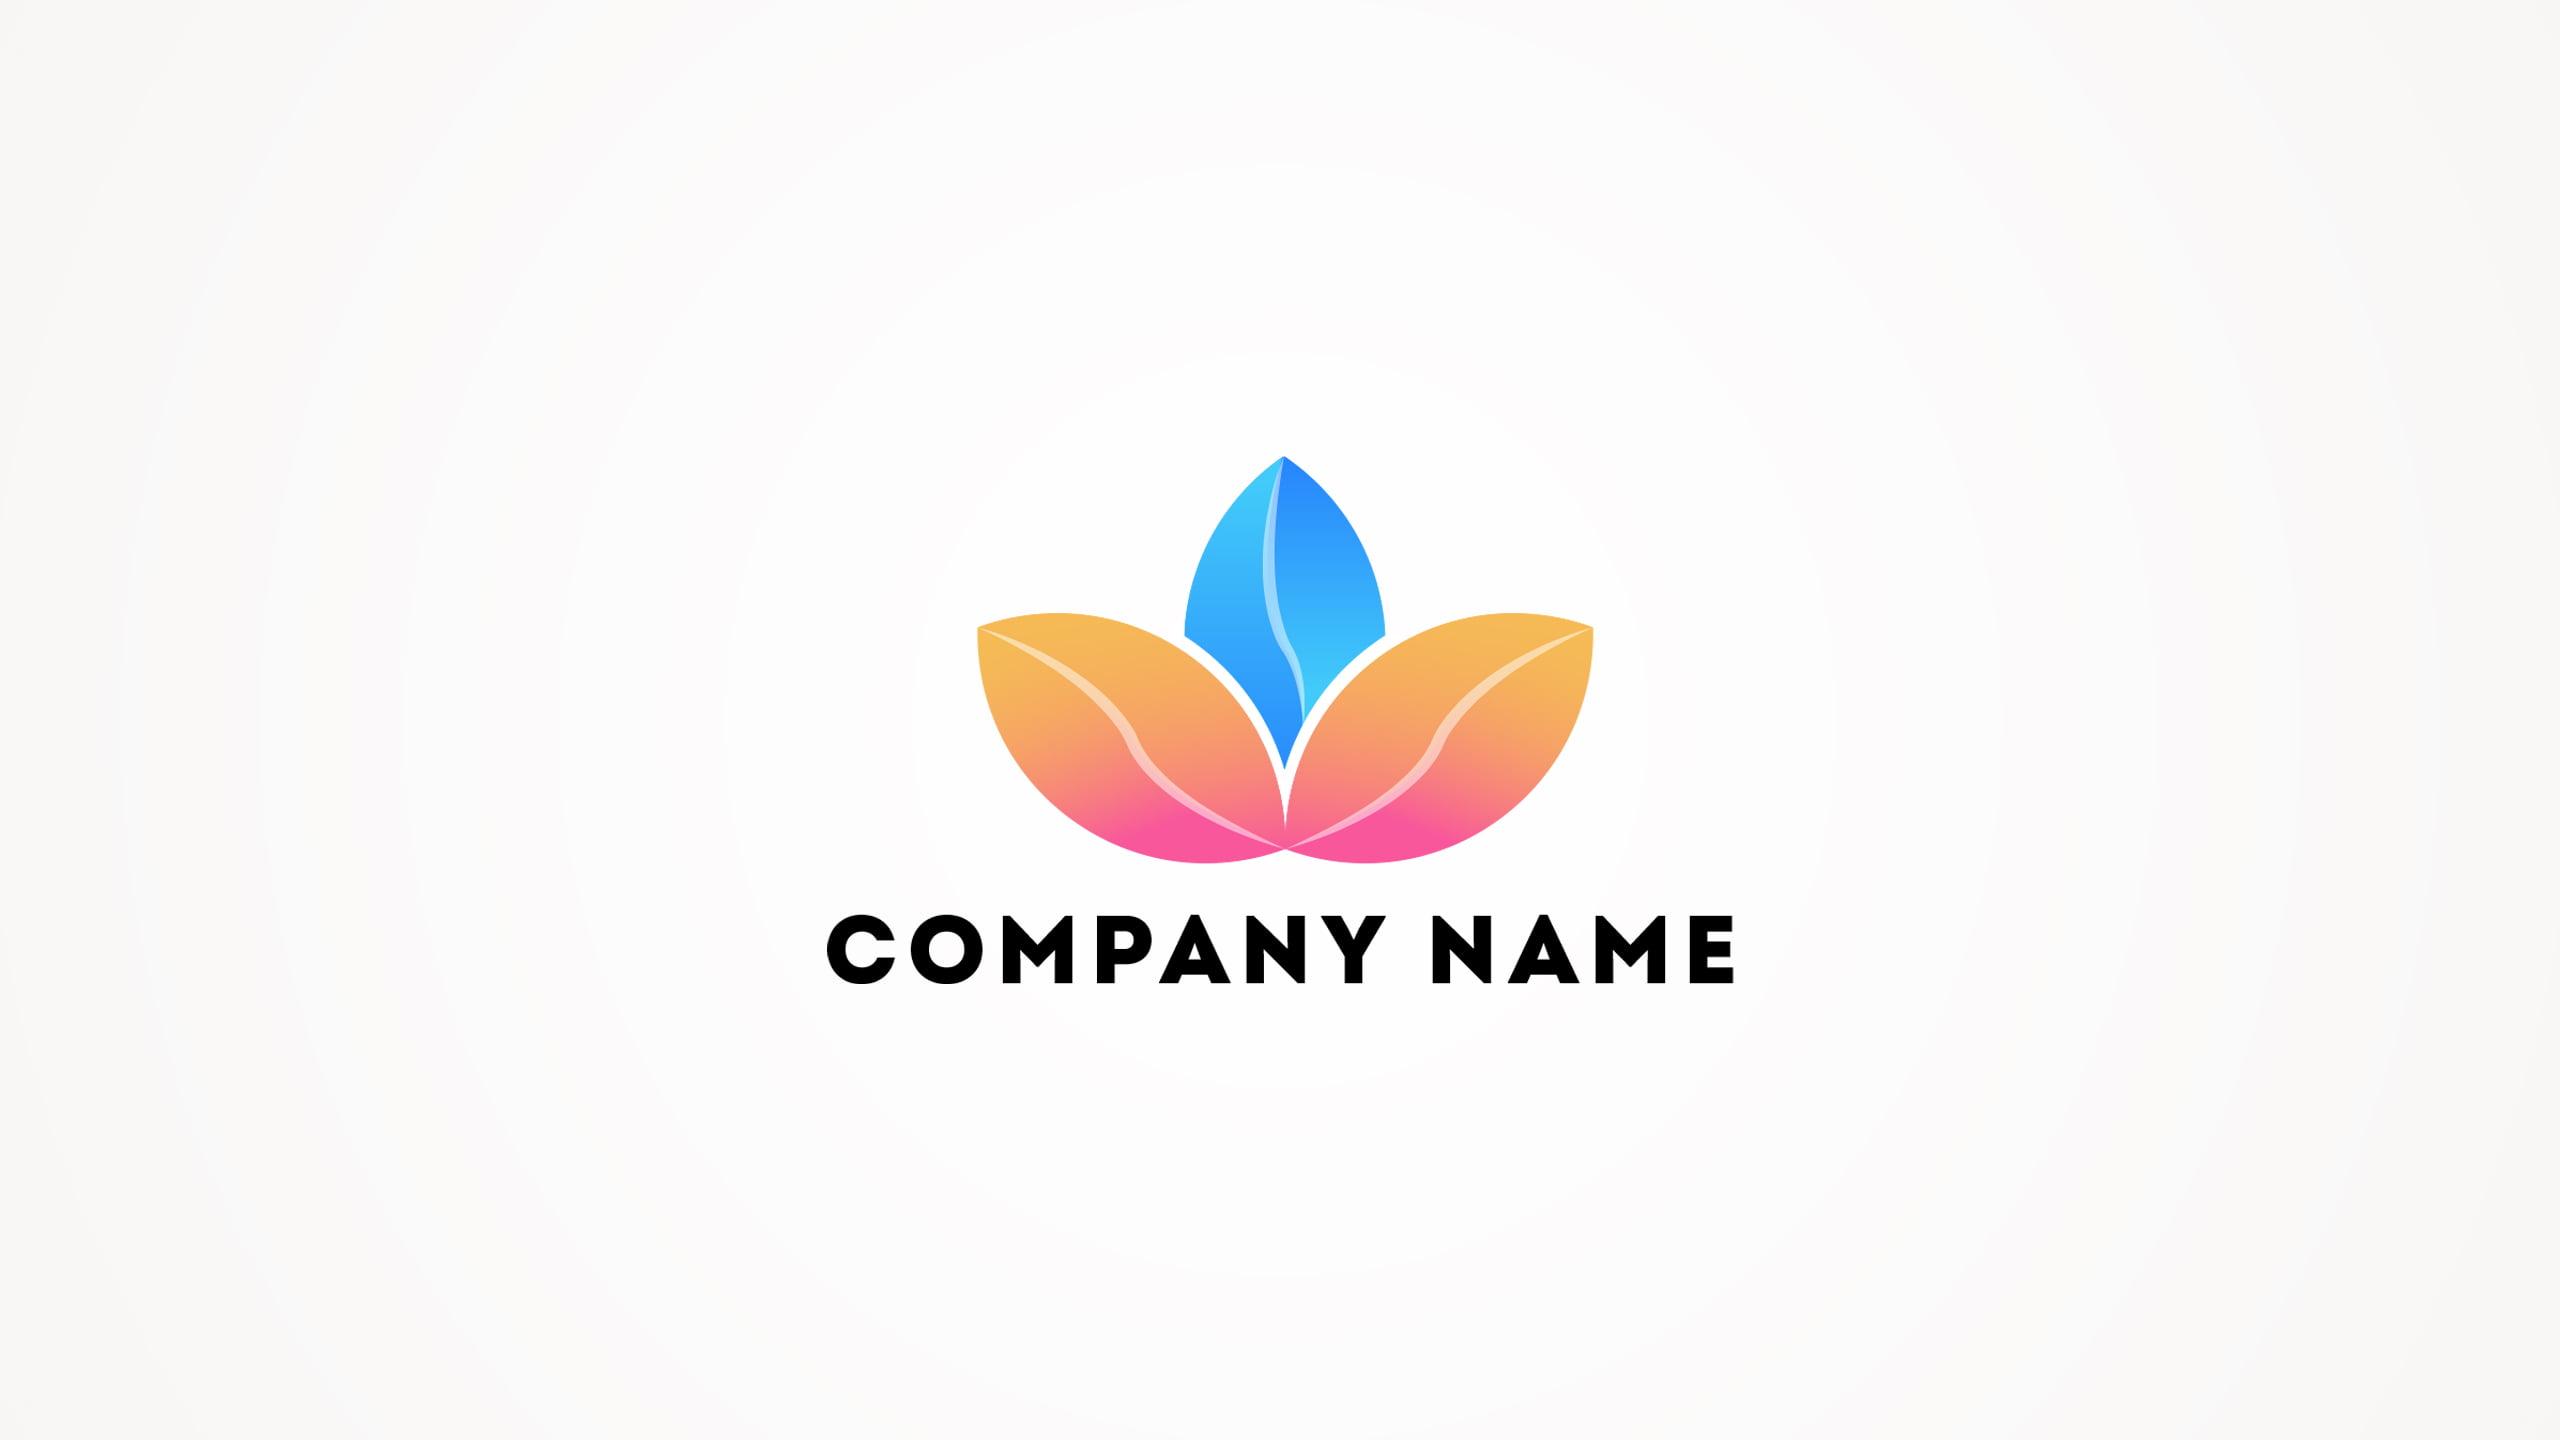 3 Leaves Logo Design Vector Download